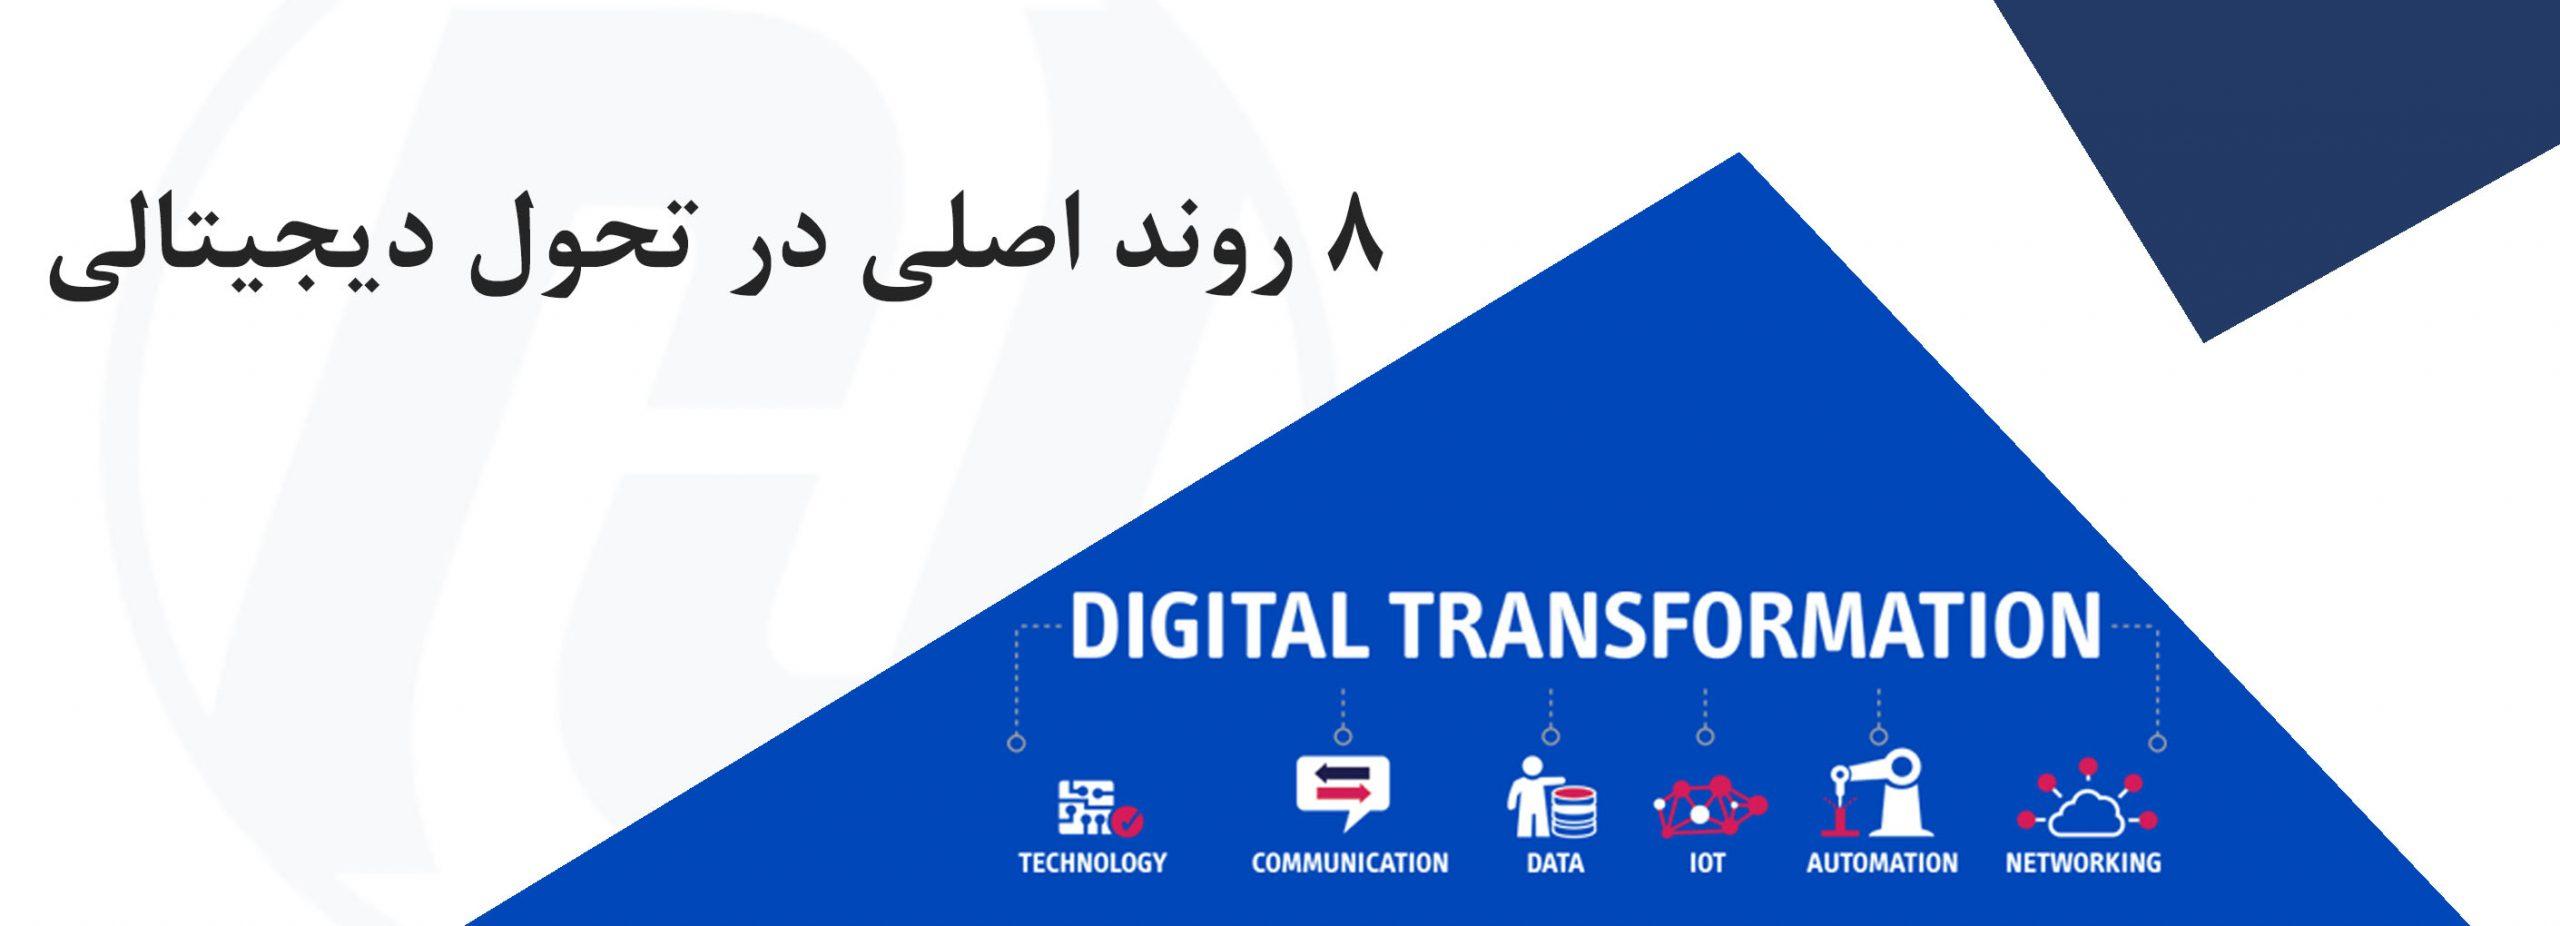 8 روند اصلی در تحول دیجیتالی